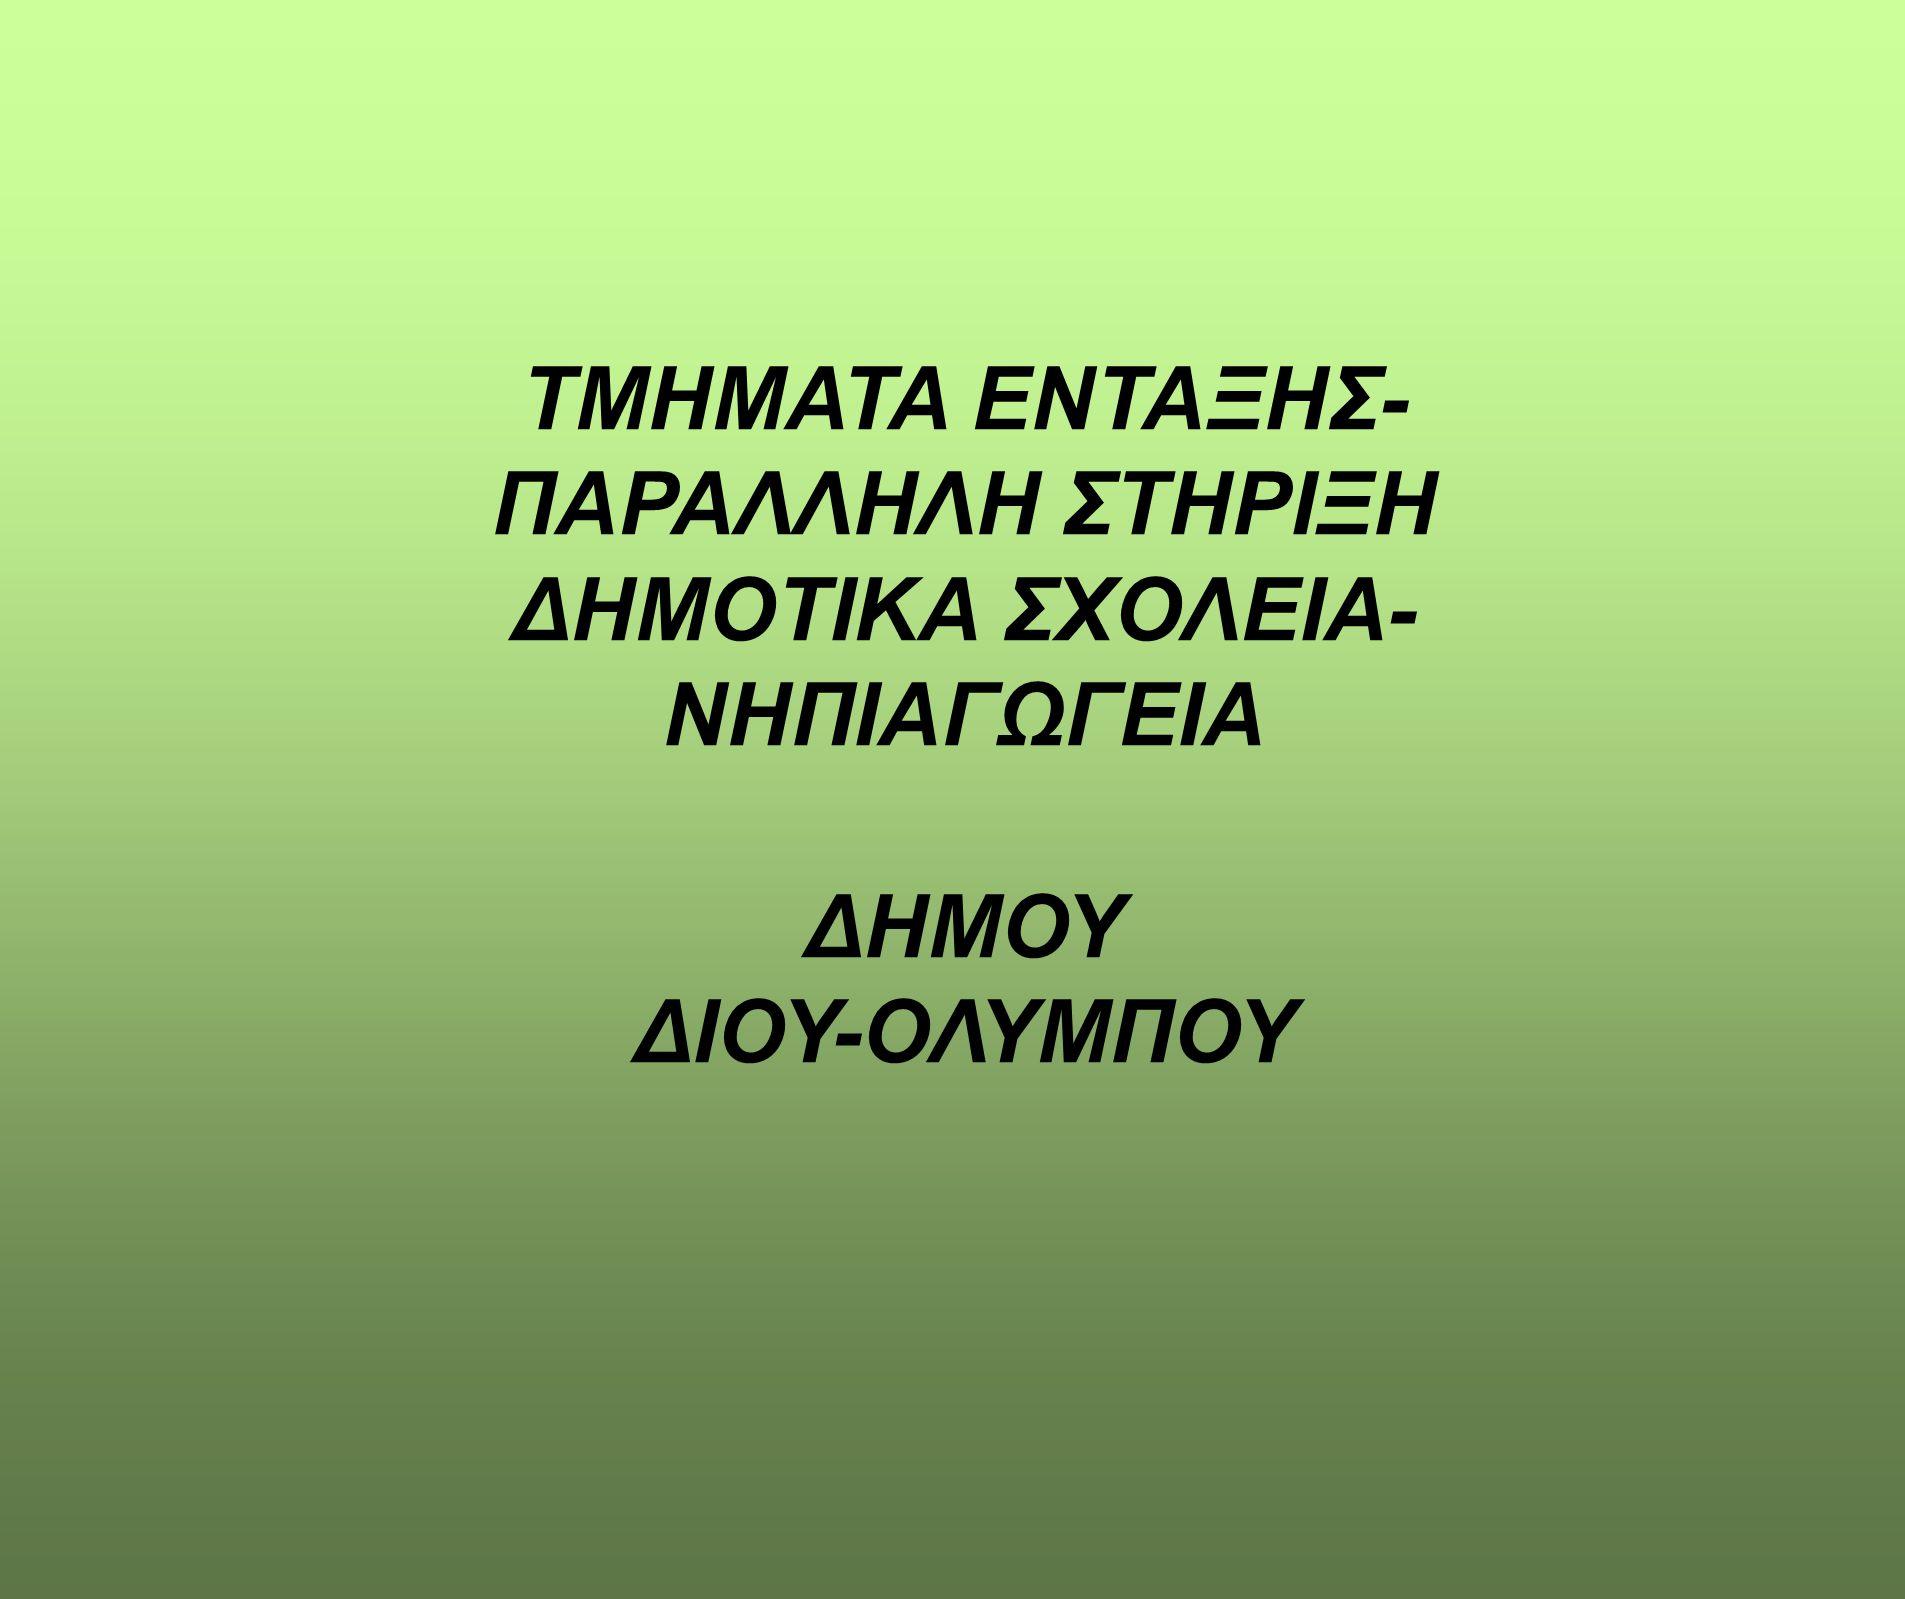 ΤΜΗΜΑΤΑ ΕΝΤΑΞΗΣ-ΠΑΡΑΛΛΗΛΗ ΣΤΗΡΙΞΗ